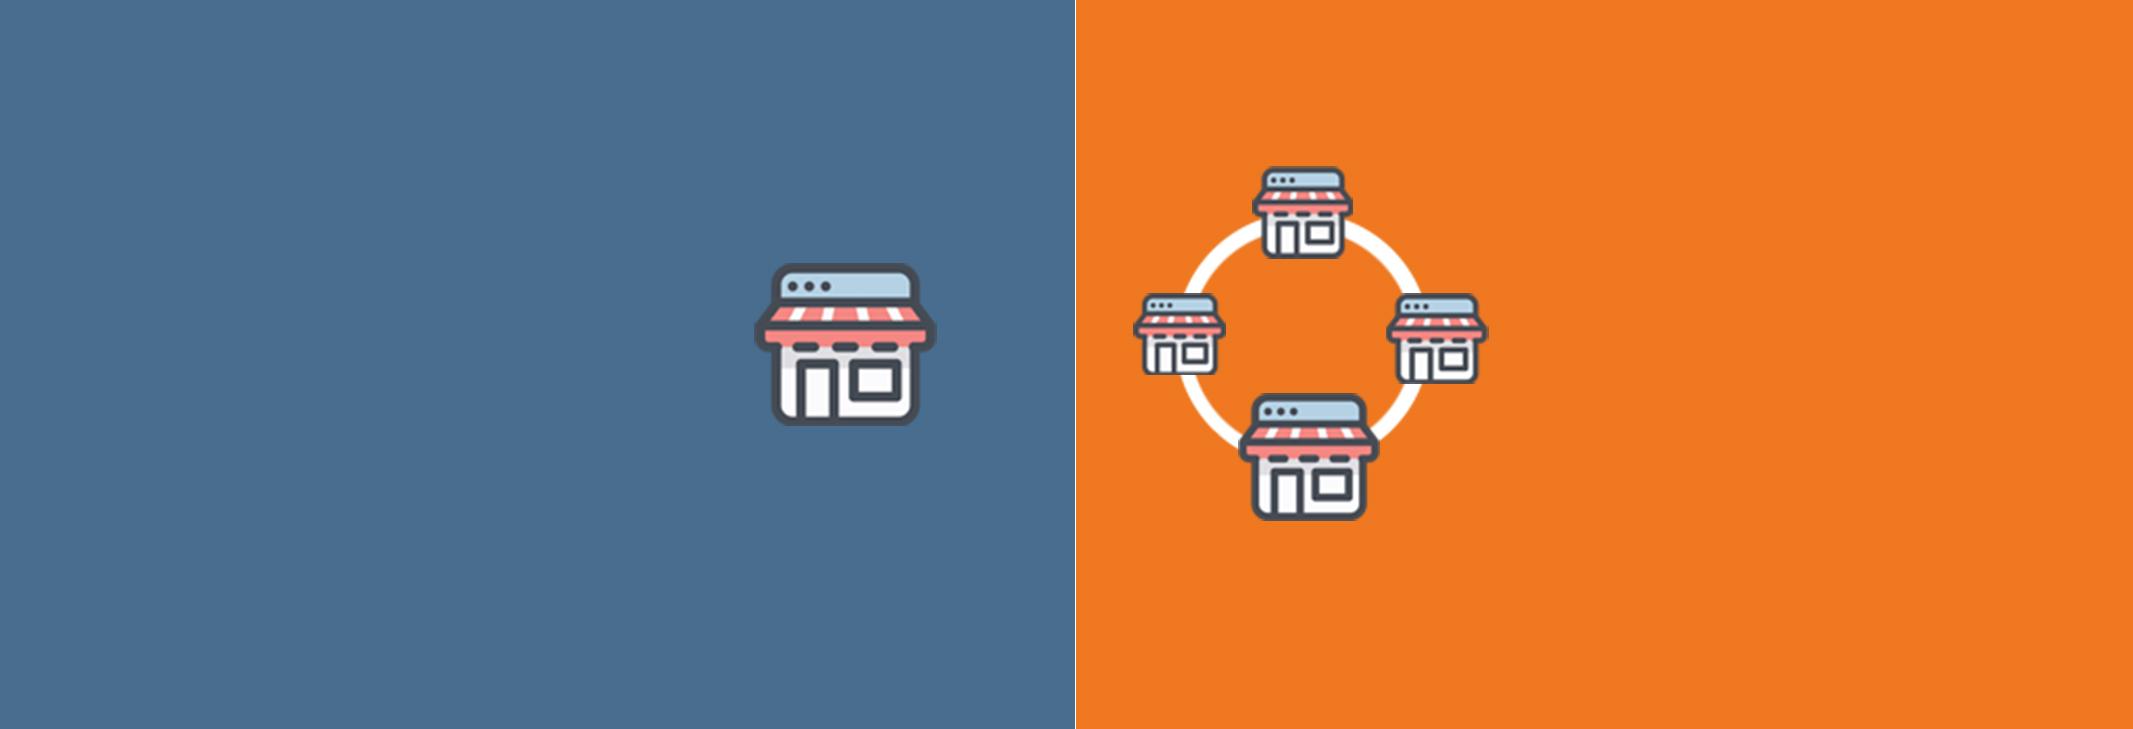 بازار آنلاین یا فروشگاه اینترنتی کدام یک را می شناسید ؟